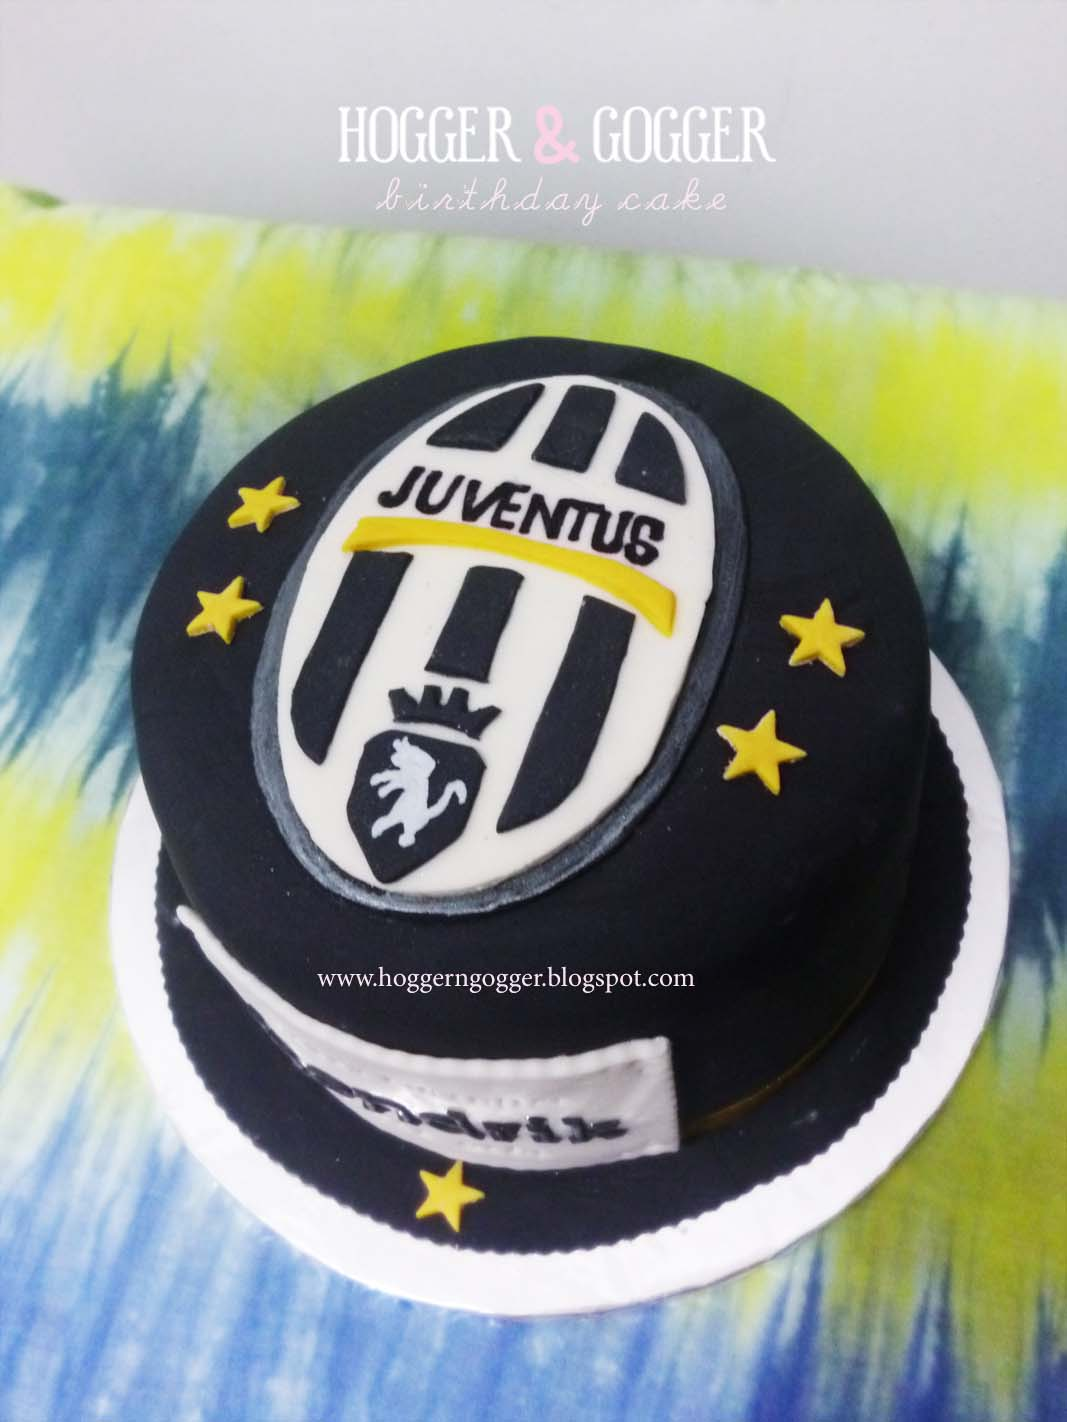 Hogger Amp Gogger Juventus Cake